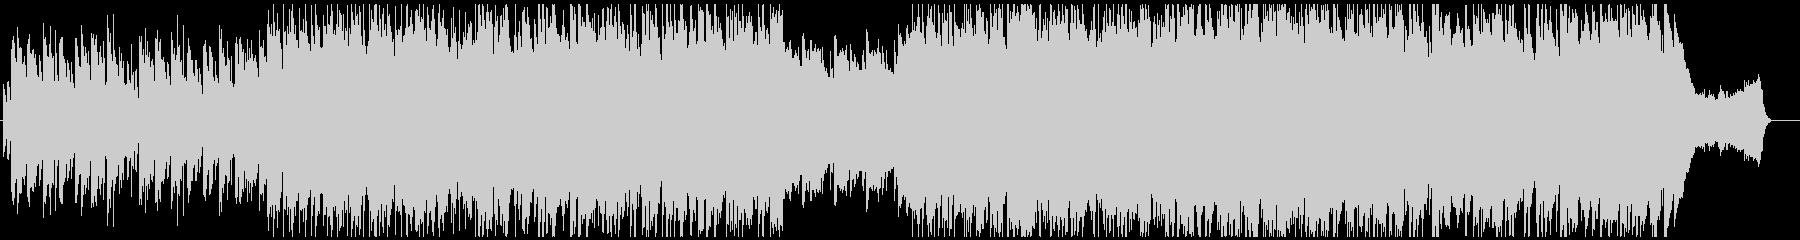 和の旋律のピアノバラードの未再生の波形